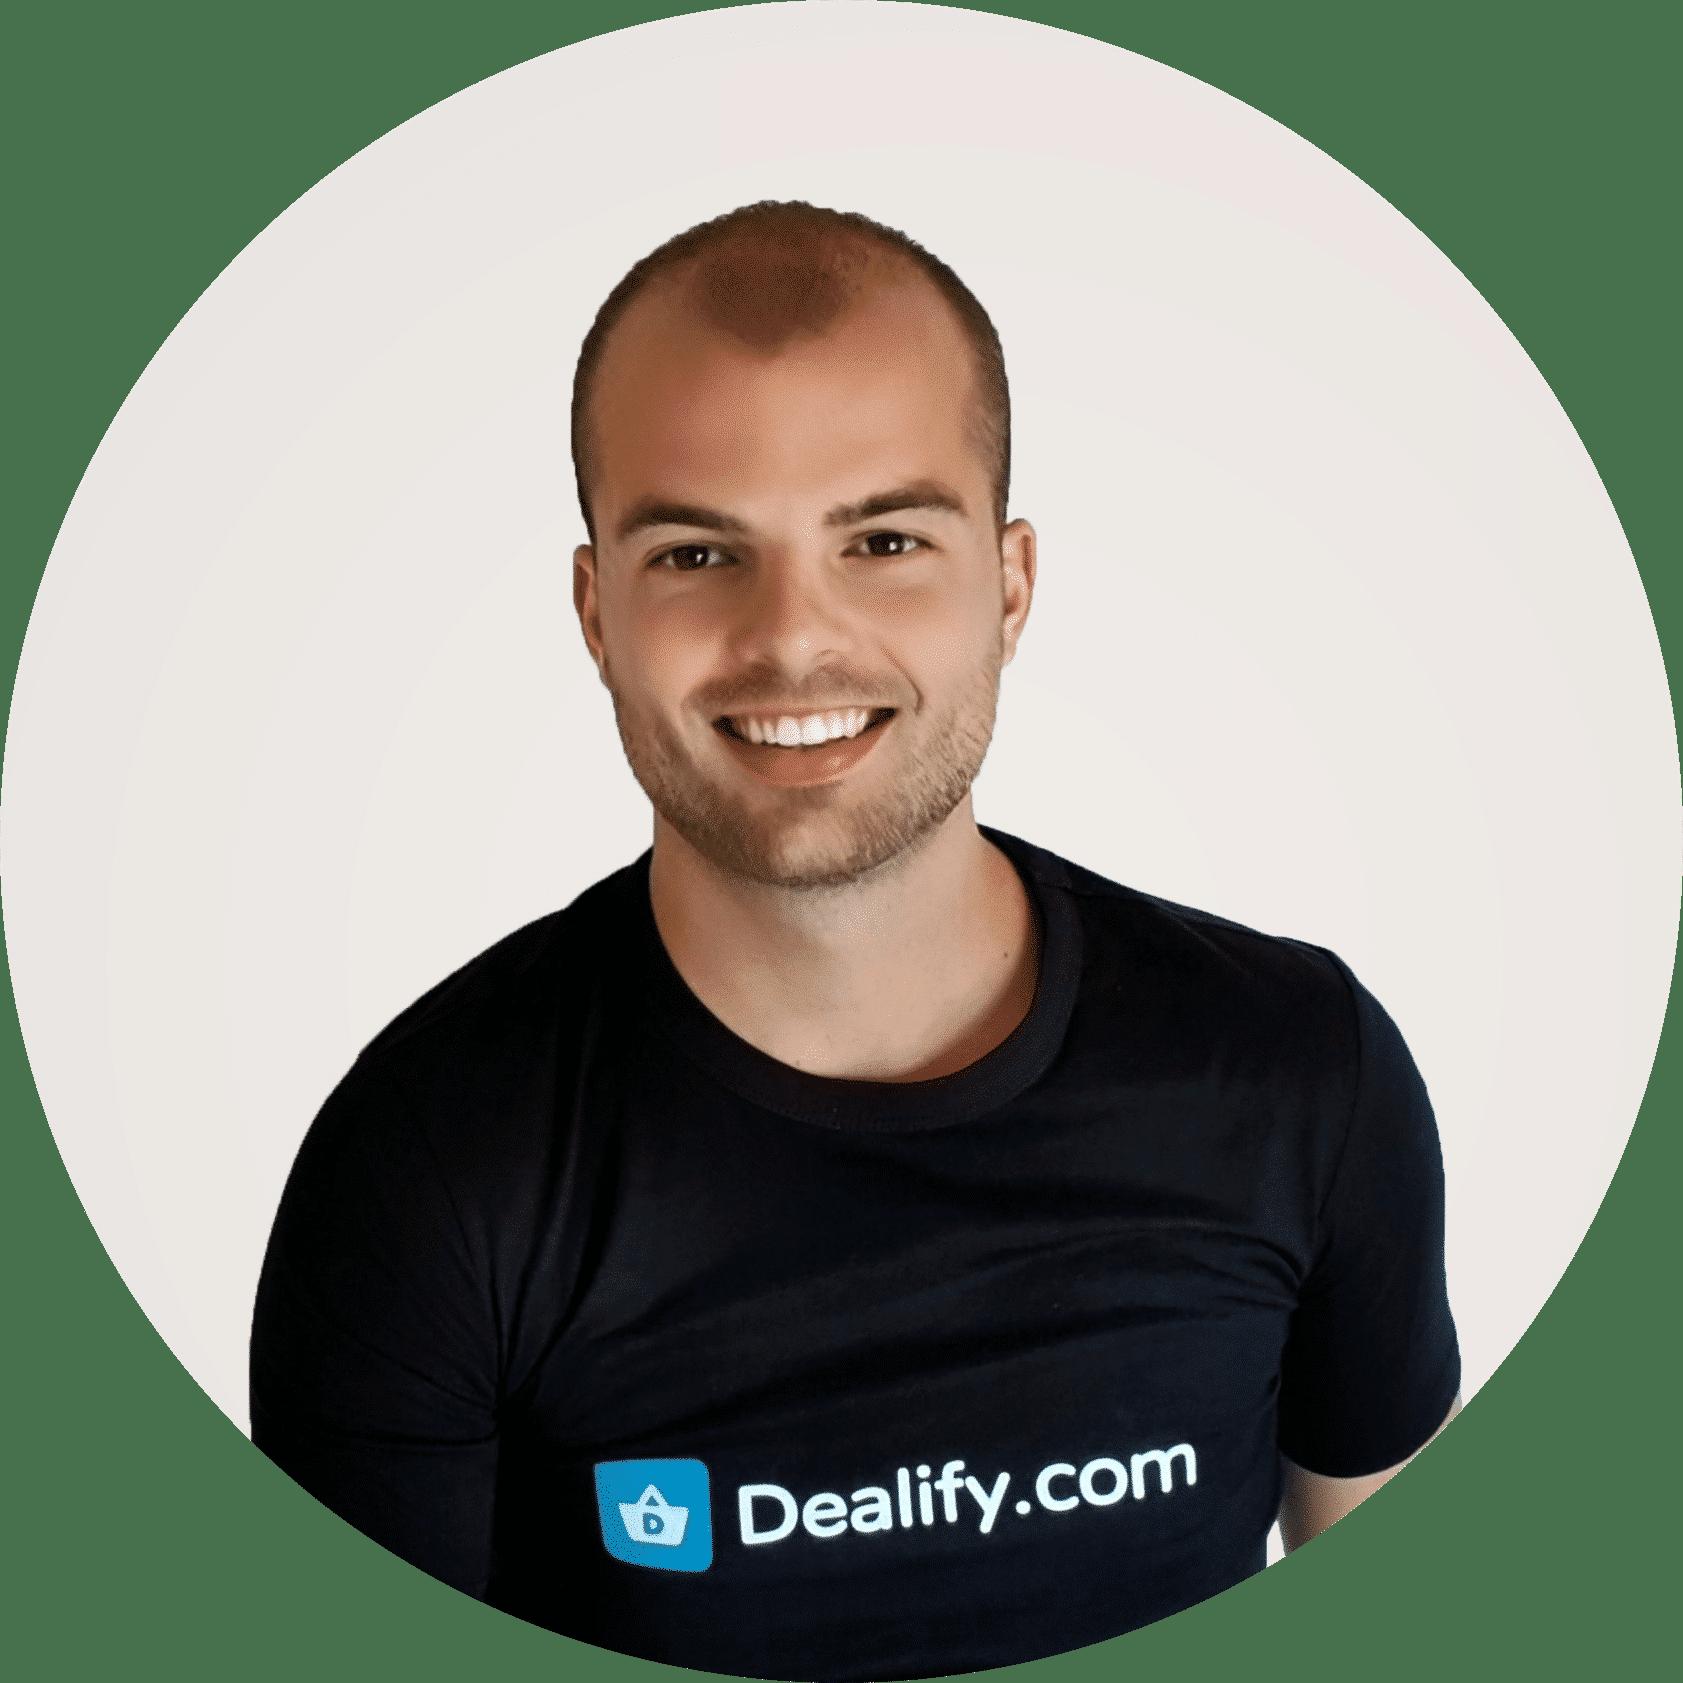 Tom van den Heuvel Dealify